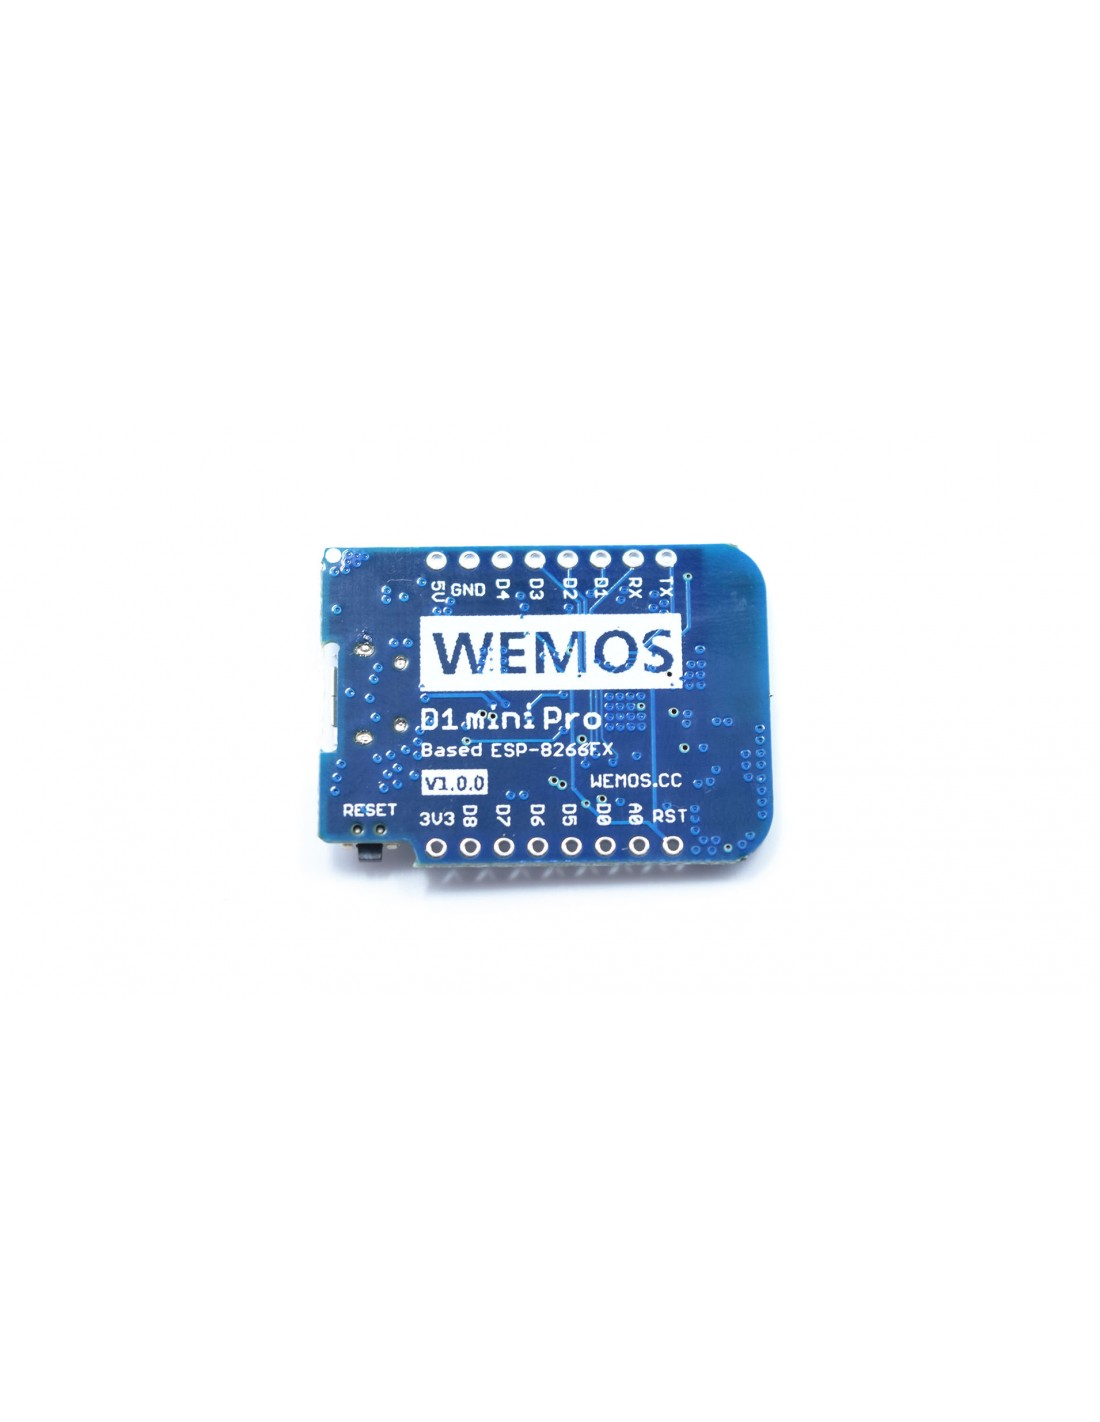 Wemos D1 mini Pro (ESP8266, 32bit, Wifi)